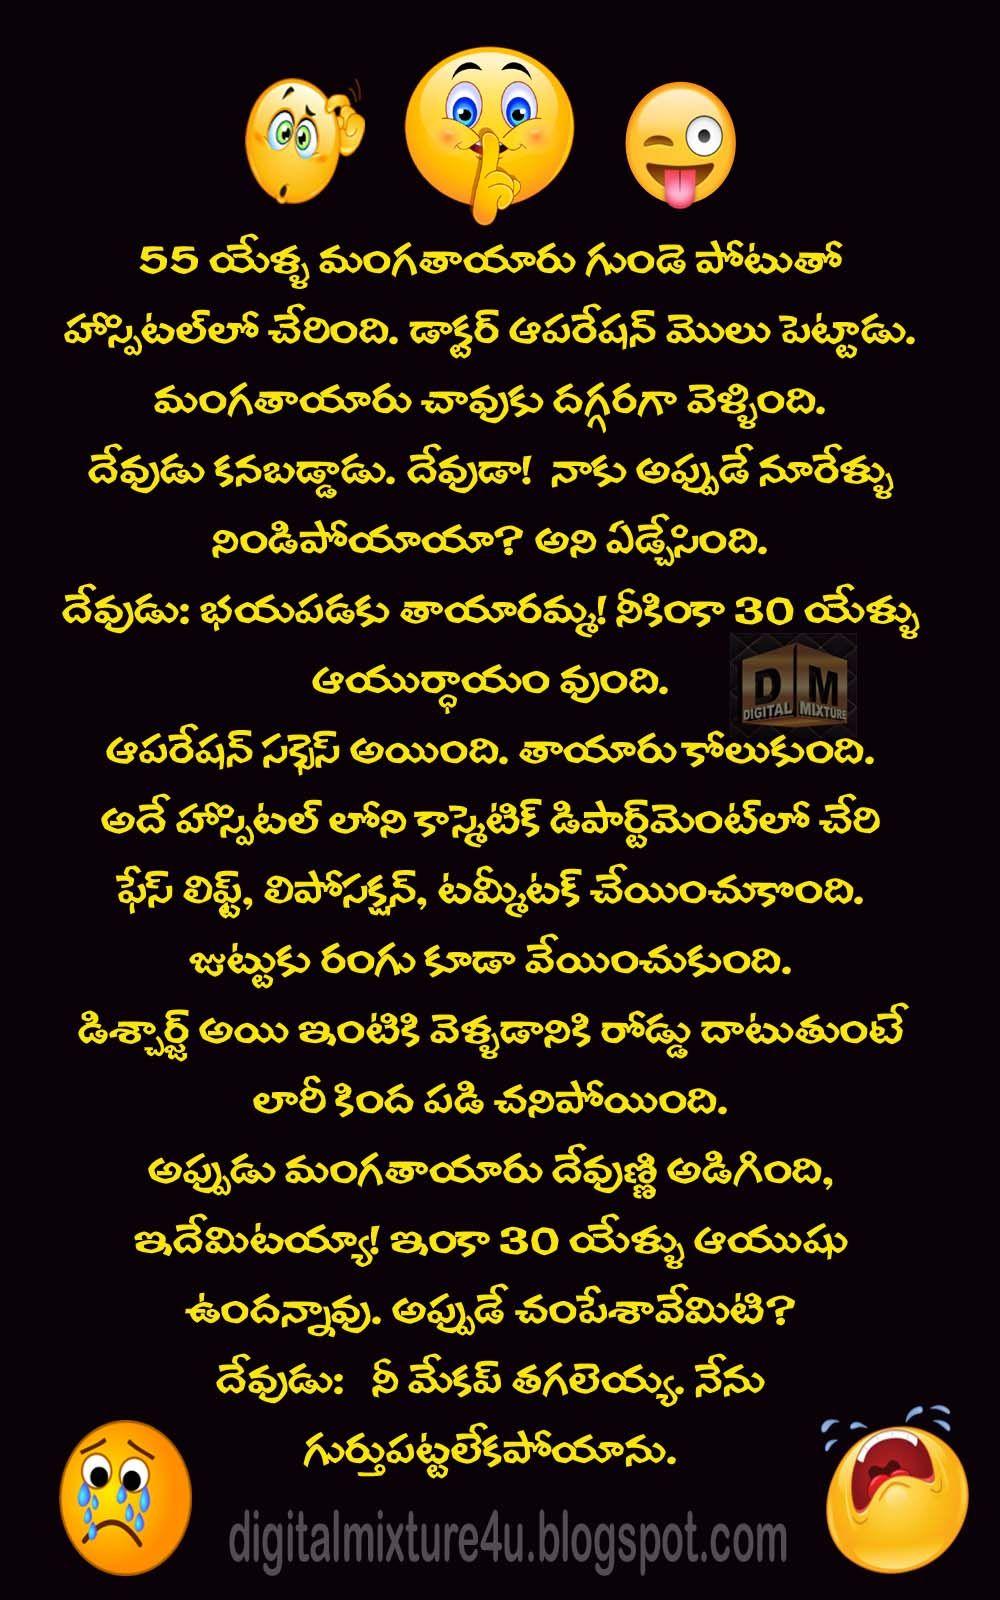 Telugu Jokes Good Night Funny Funny Happy Birthday Images Sunday Funny Images